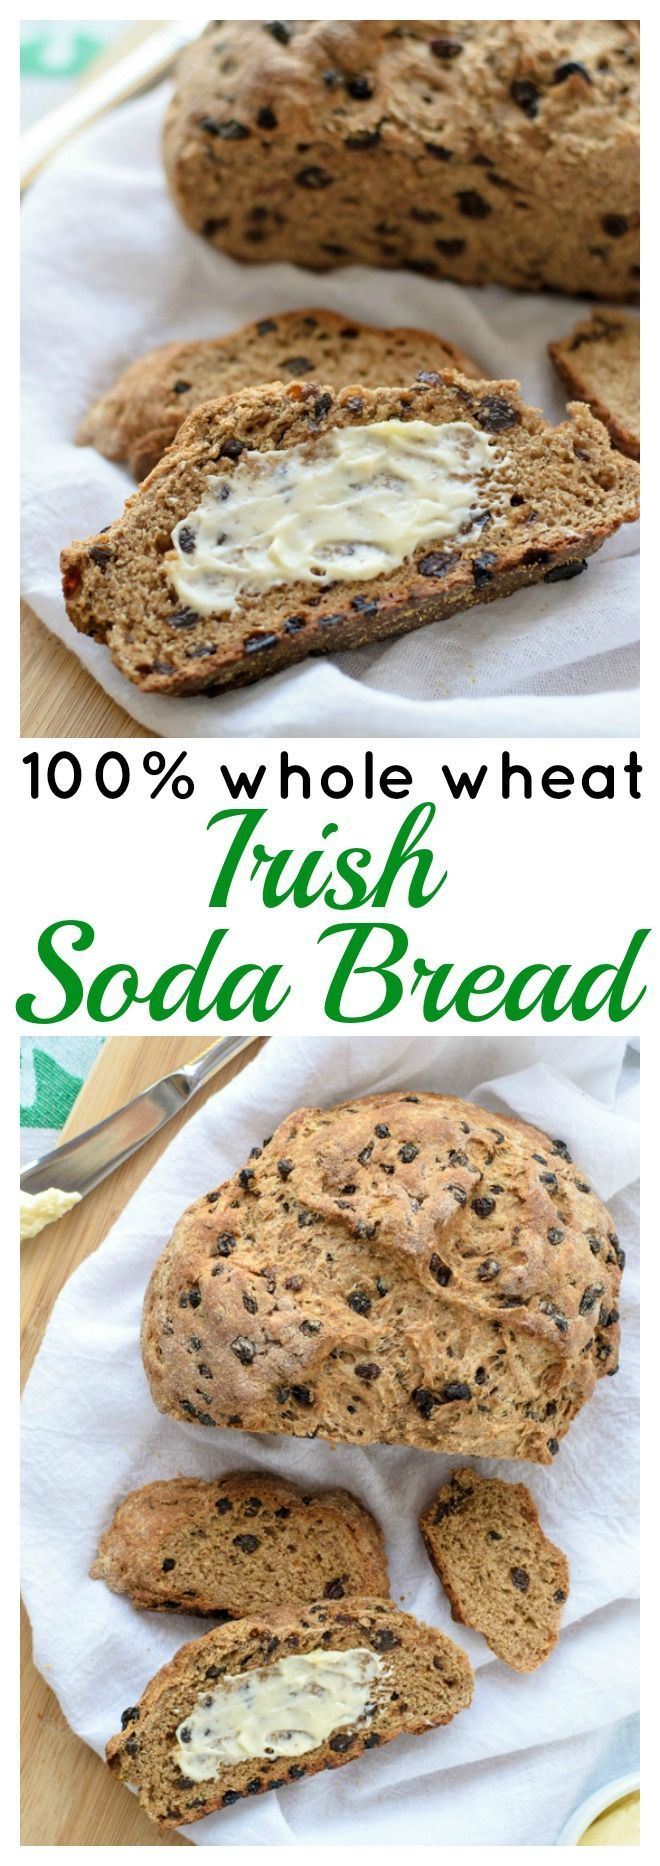 Whole Wheat Irish Soda Bread Irish Soda Bread Recipe Baking Recipes Soda Bread